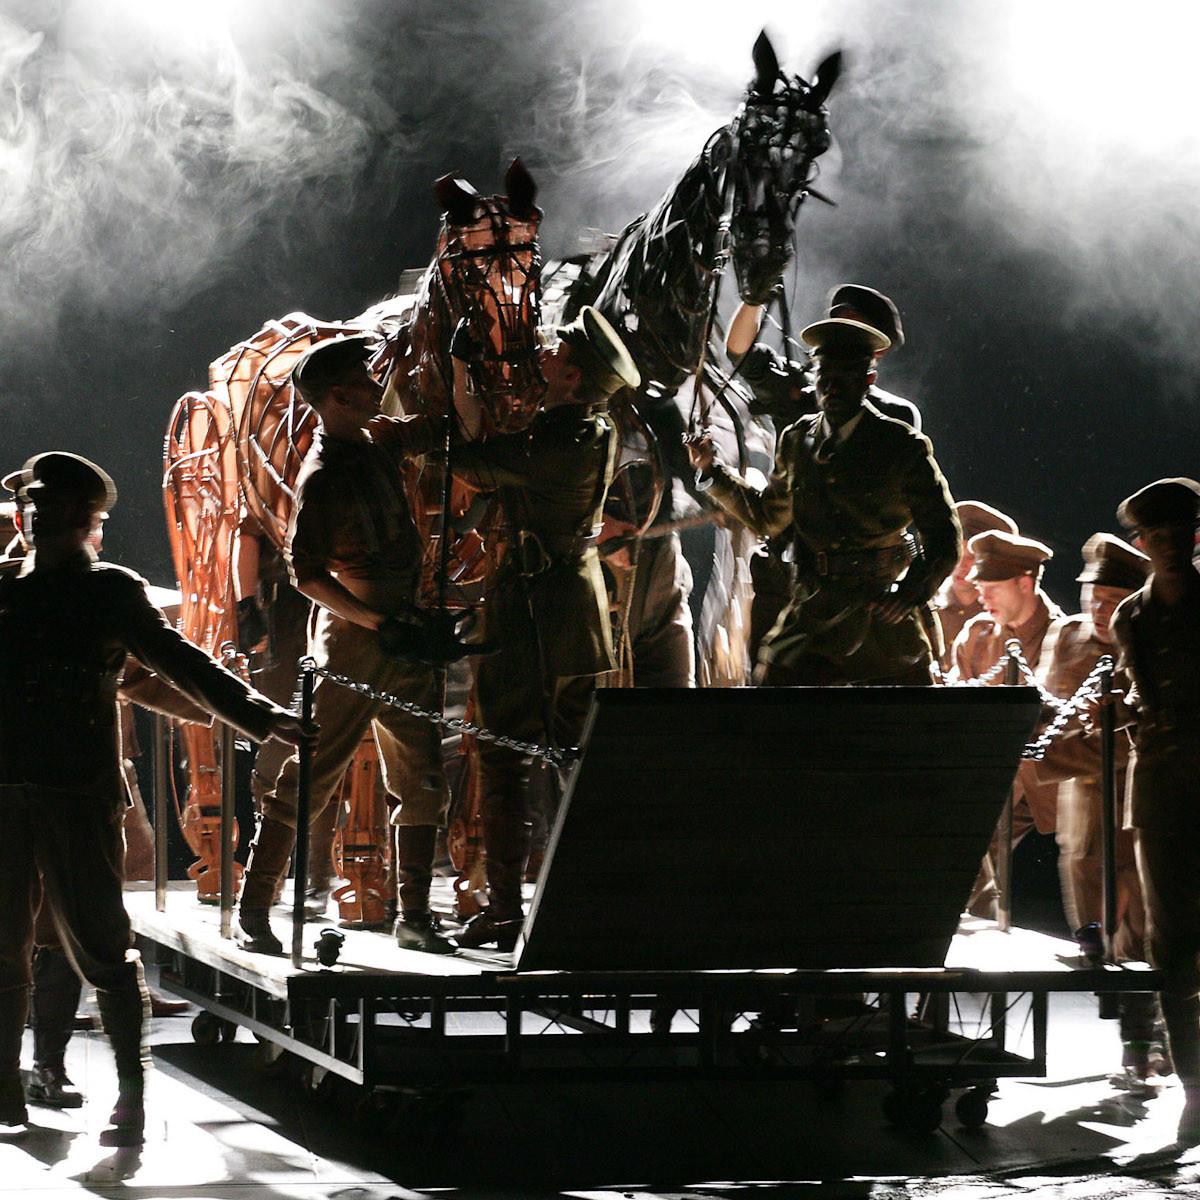 News_Tony Awards 2011_War Horse